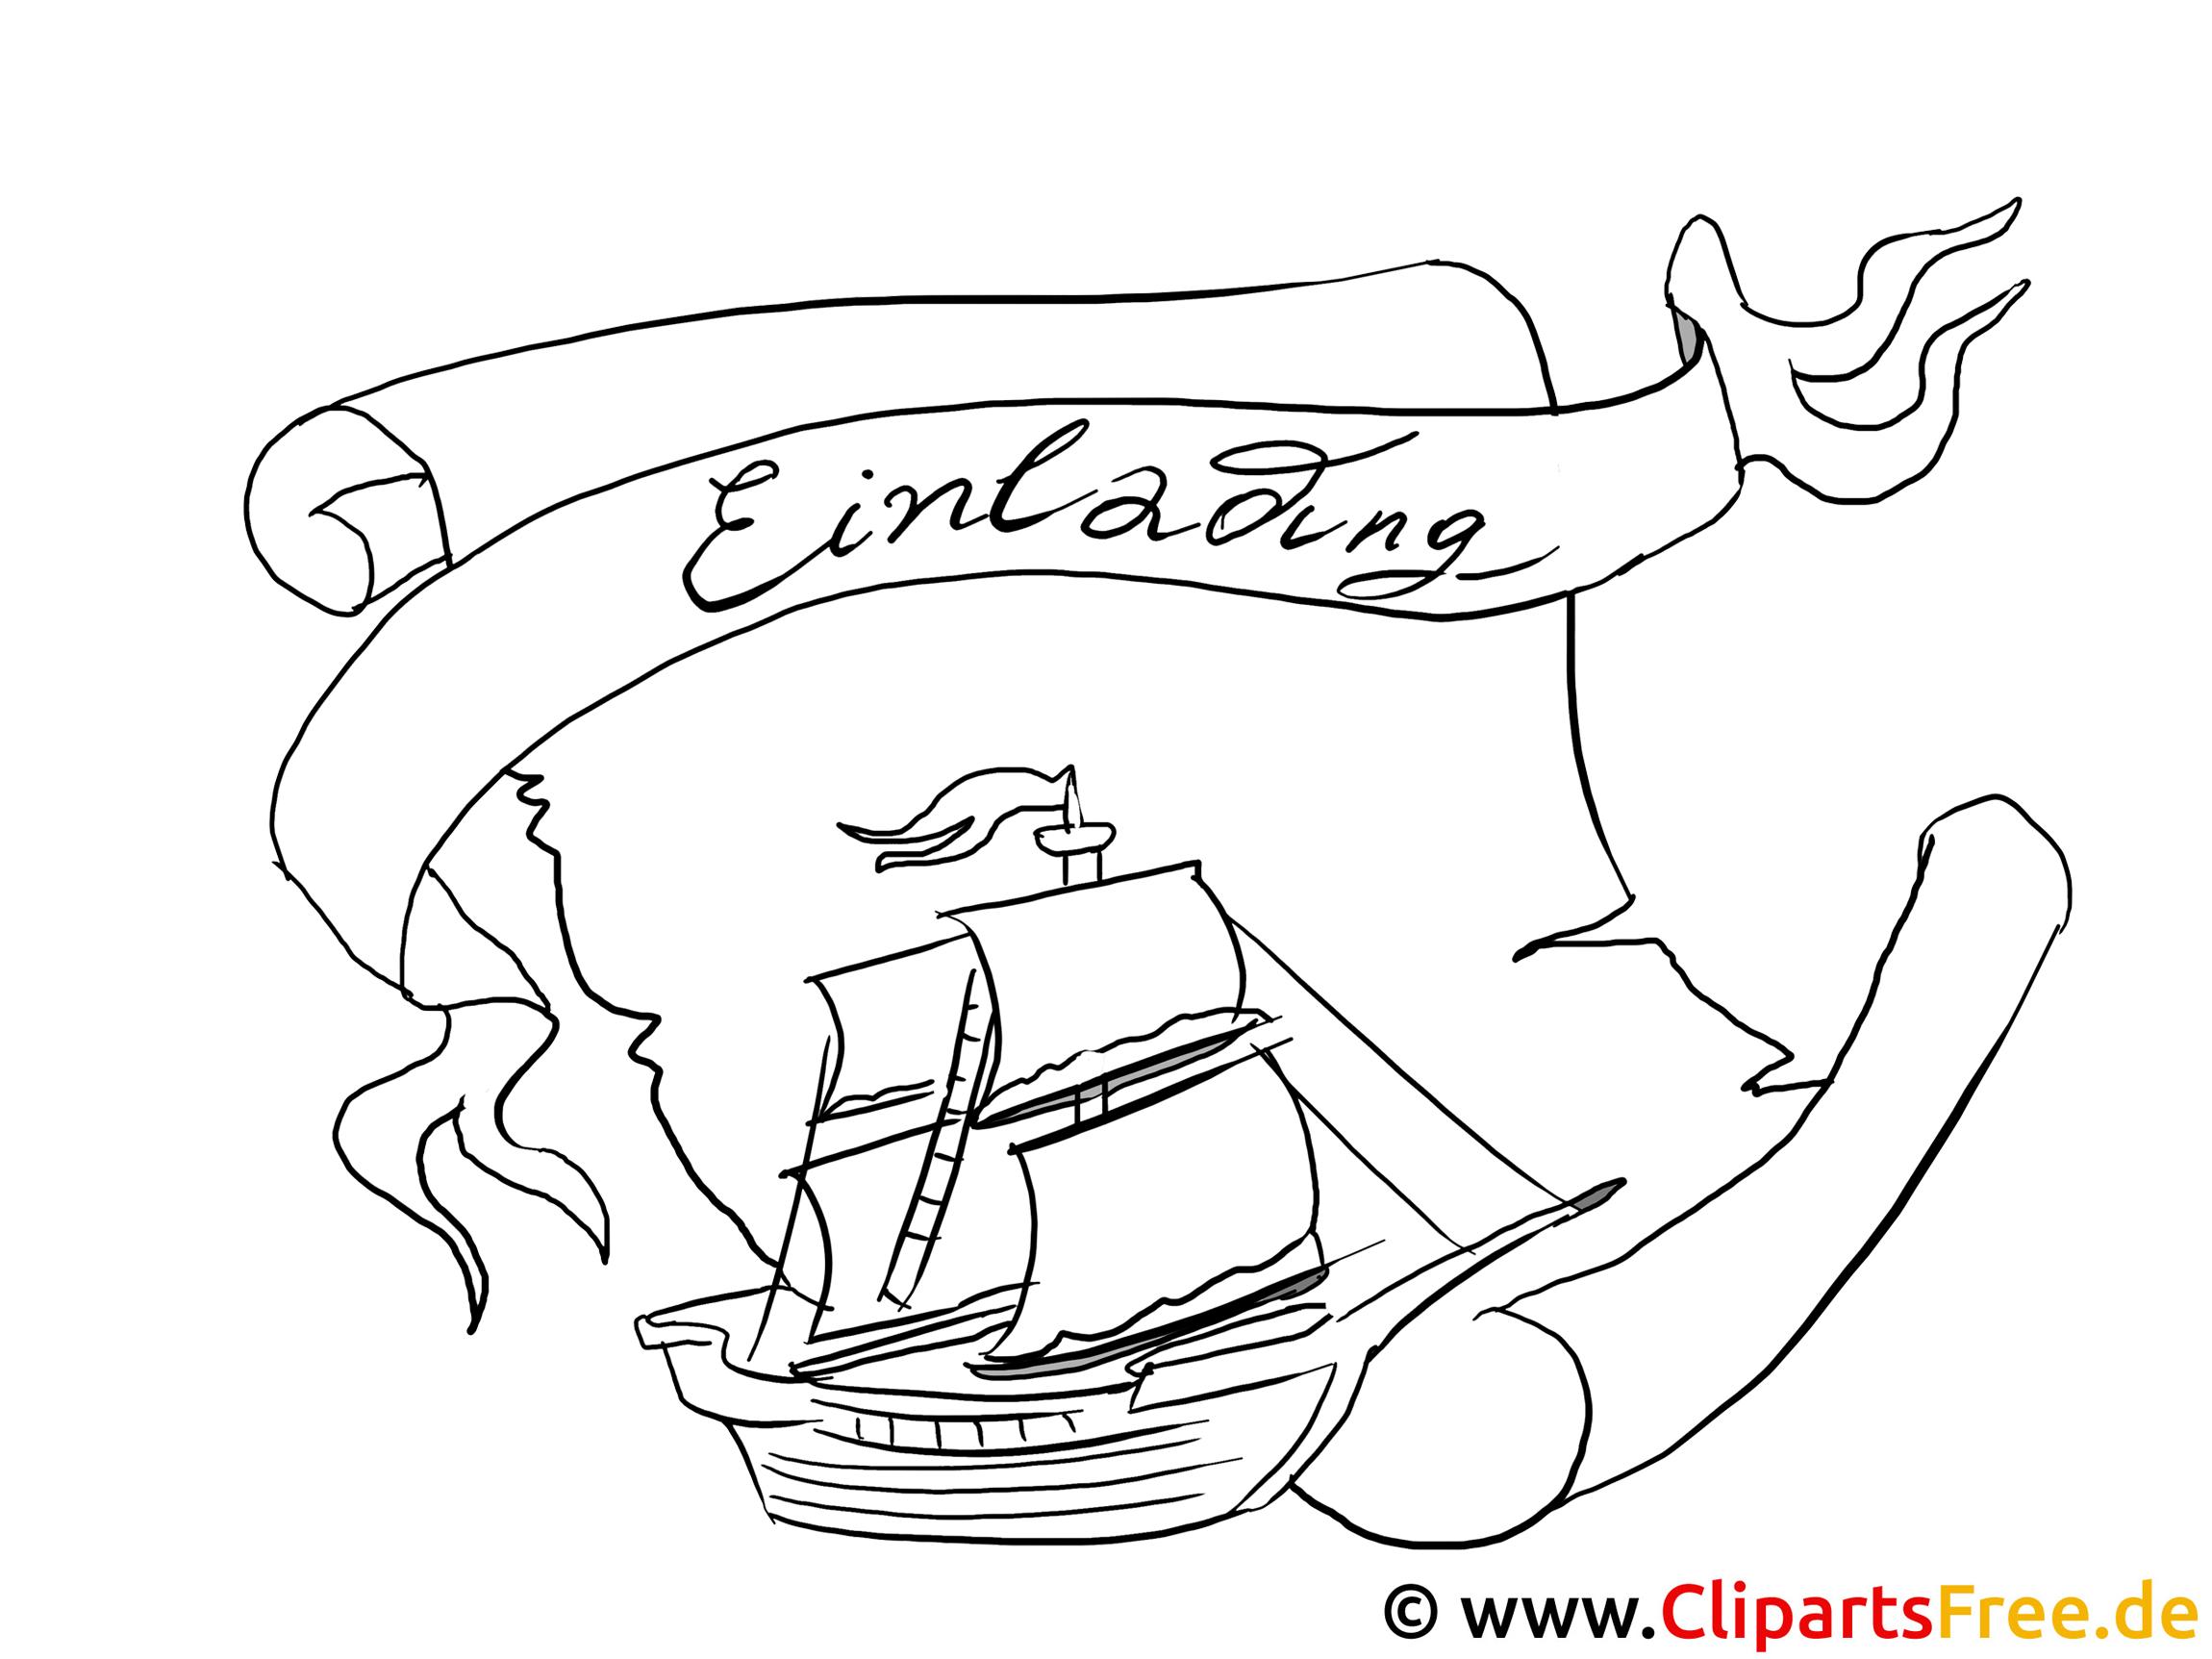 fregat schiff ausmalbild zum ausmalen